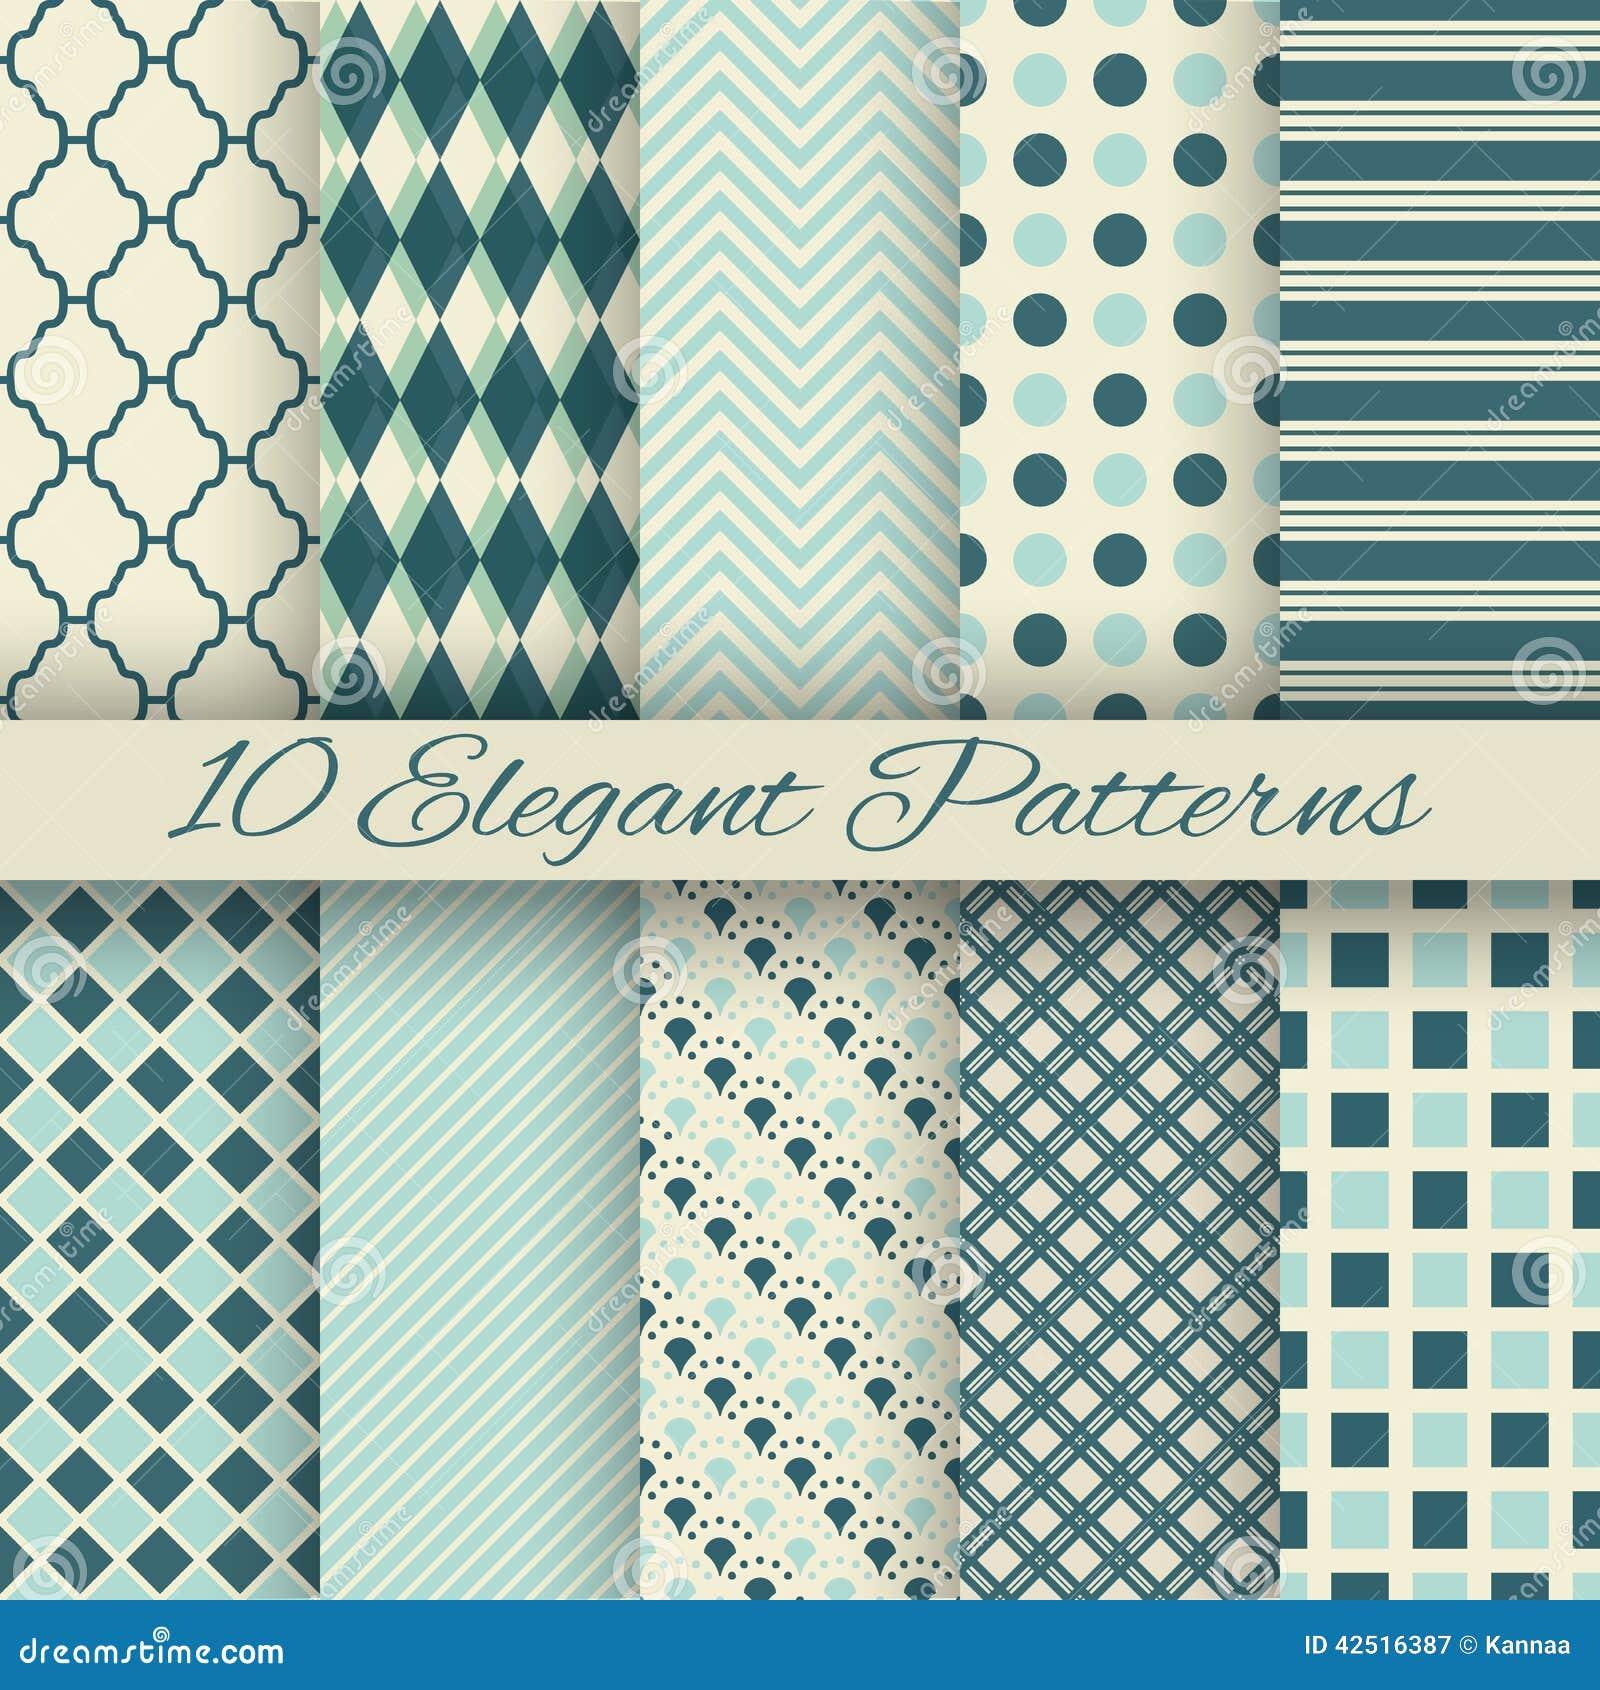 10 nahtlose Muster des eleganten Vektors (Tiling)